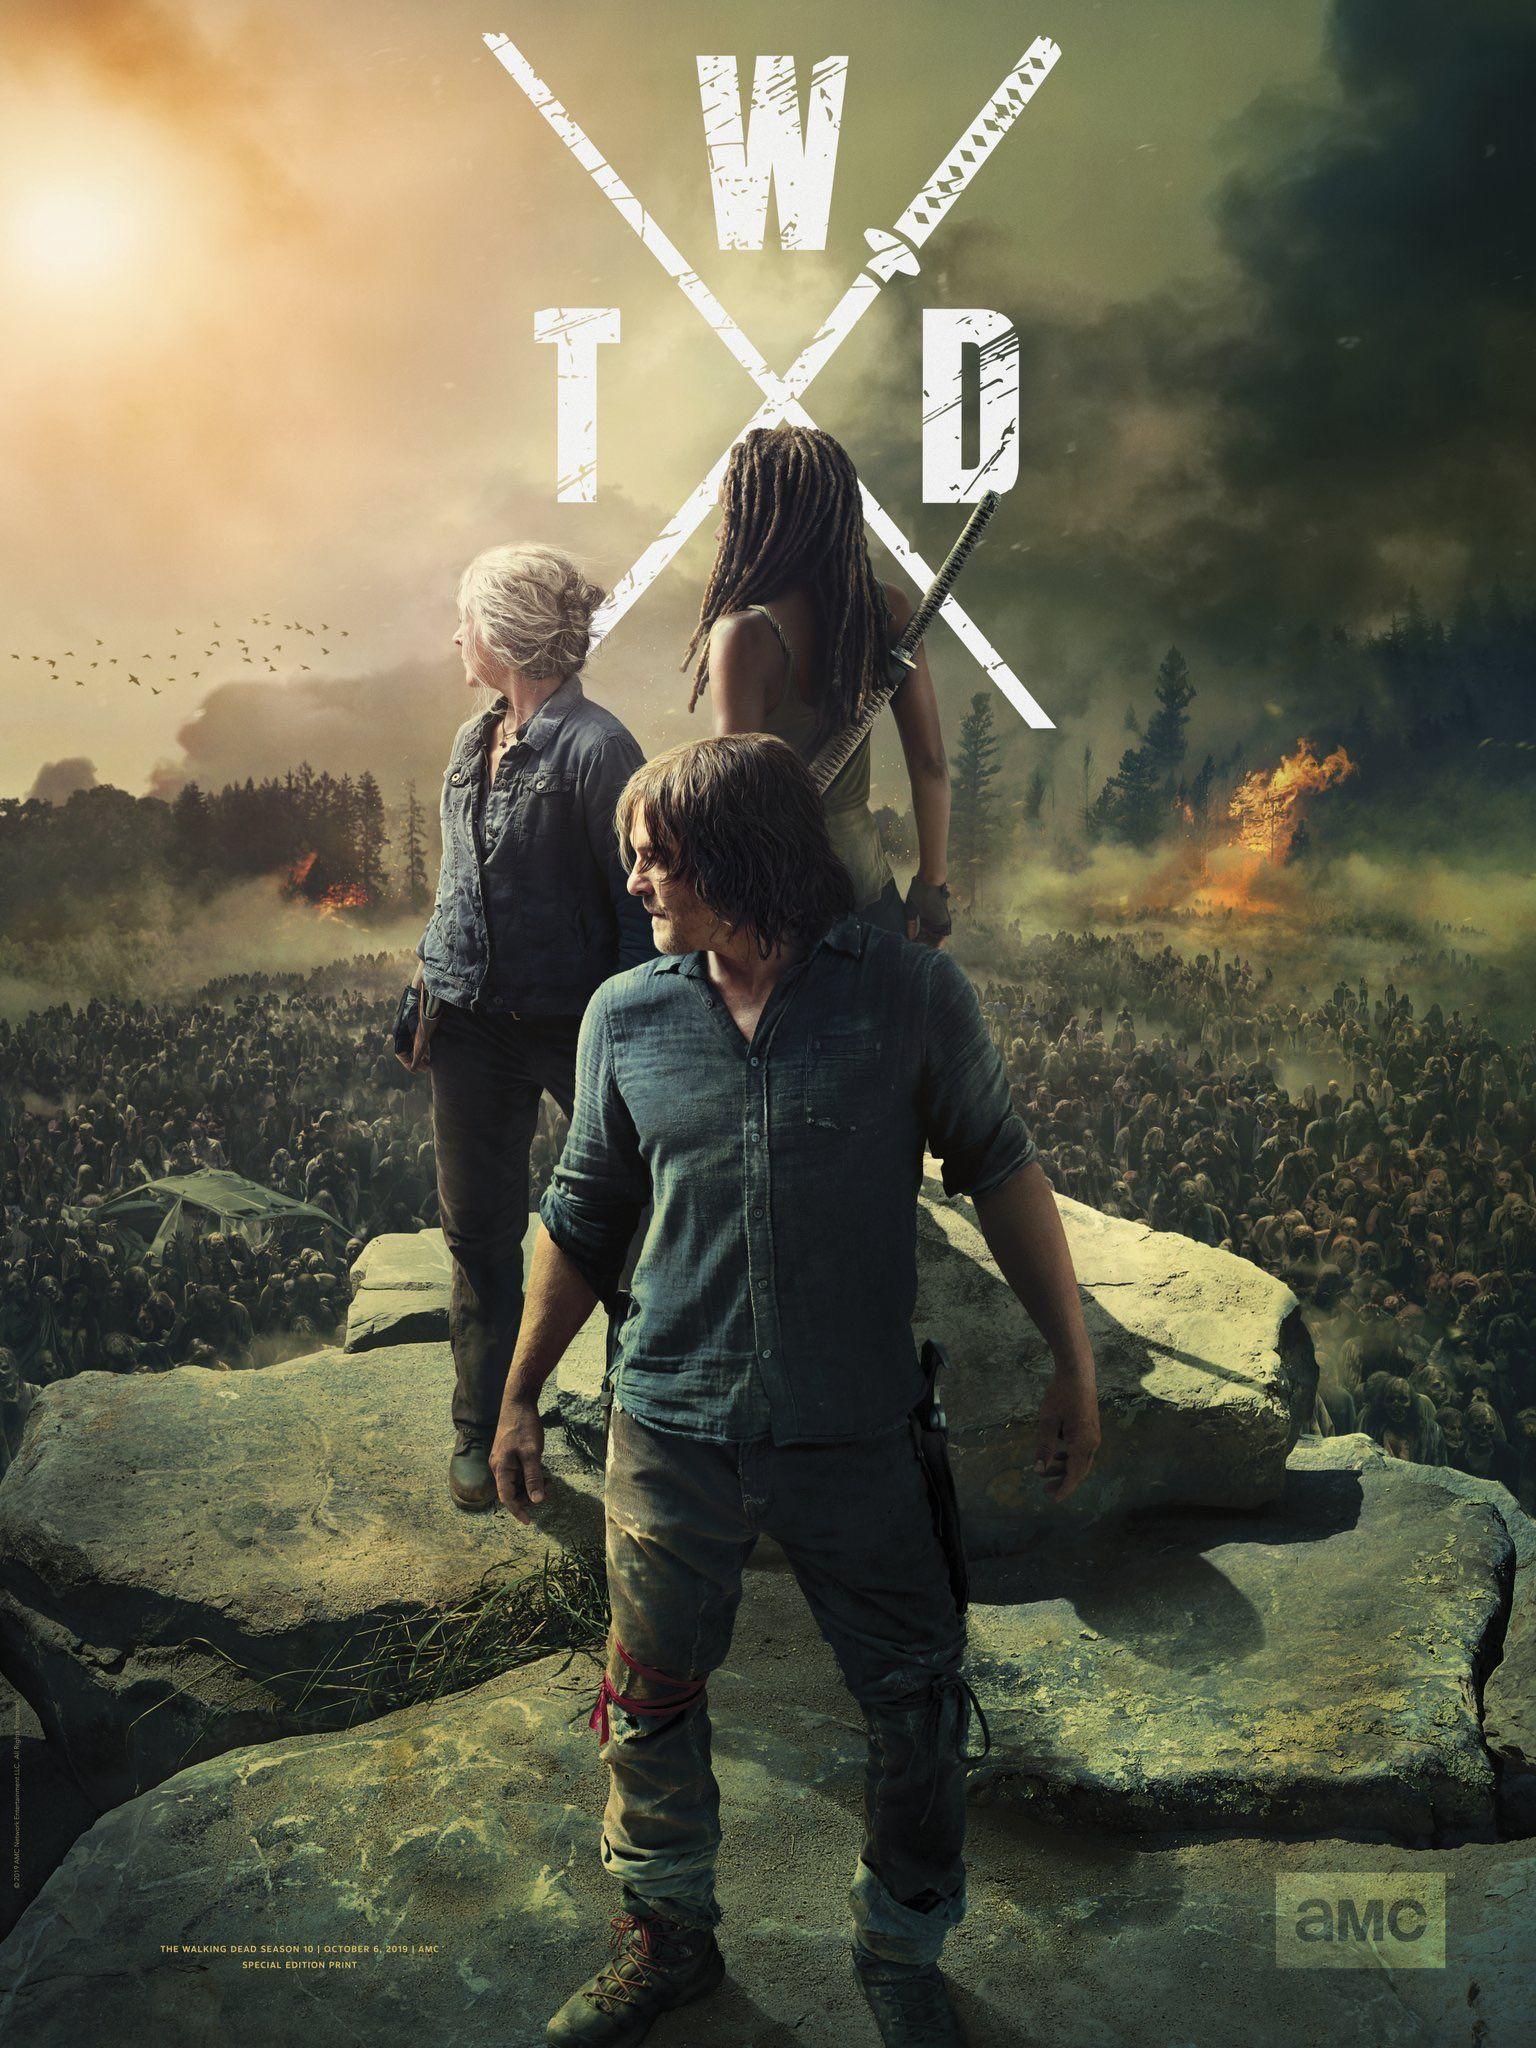 The Walking Dead On Twitter They Re So Beautiful The Walking Dead Poster Walking Dead Wallpaper Amc Walking Dead